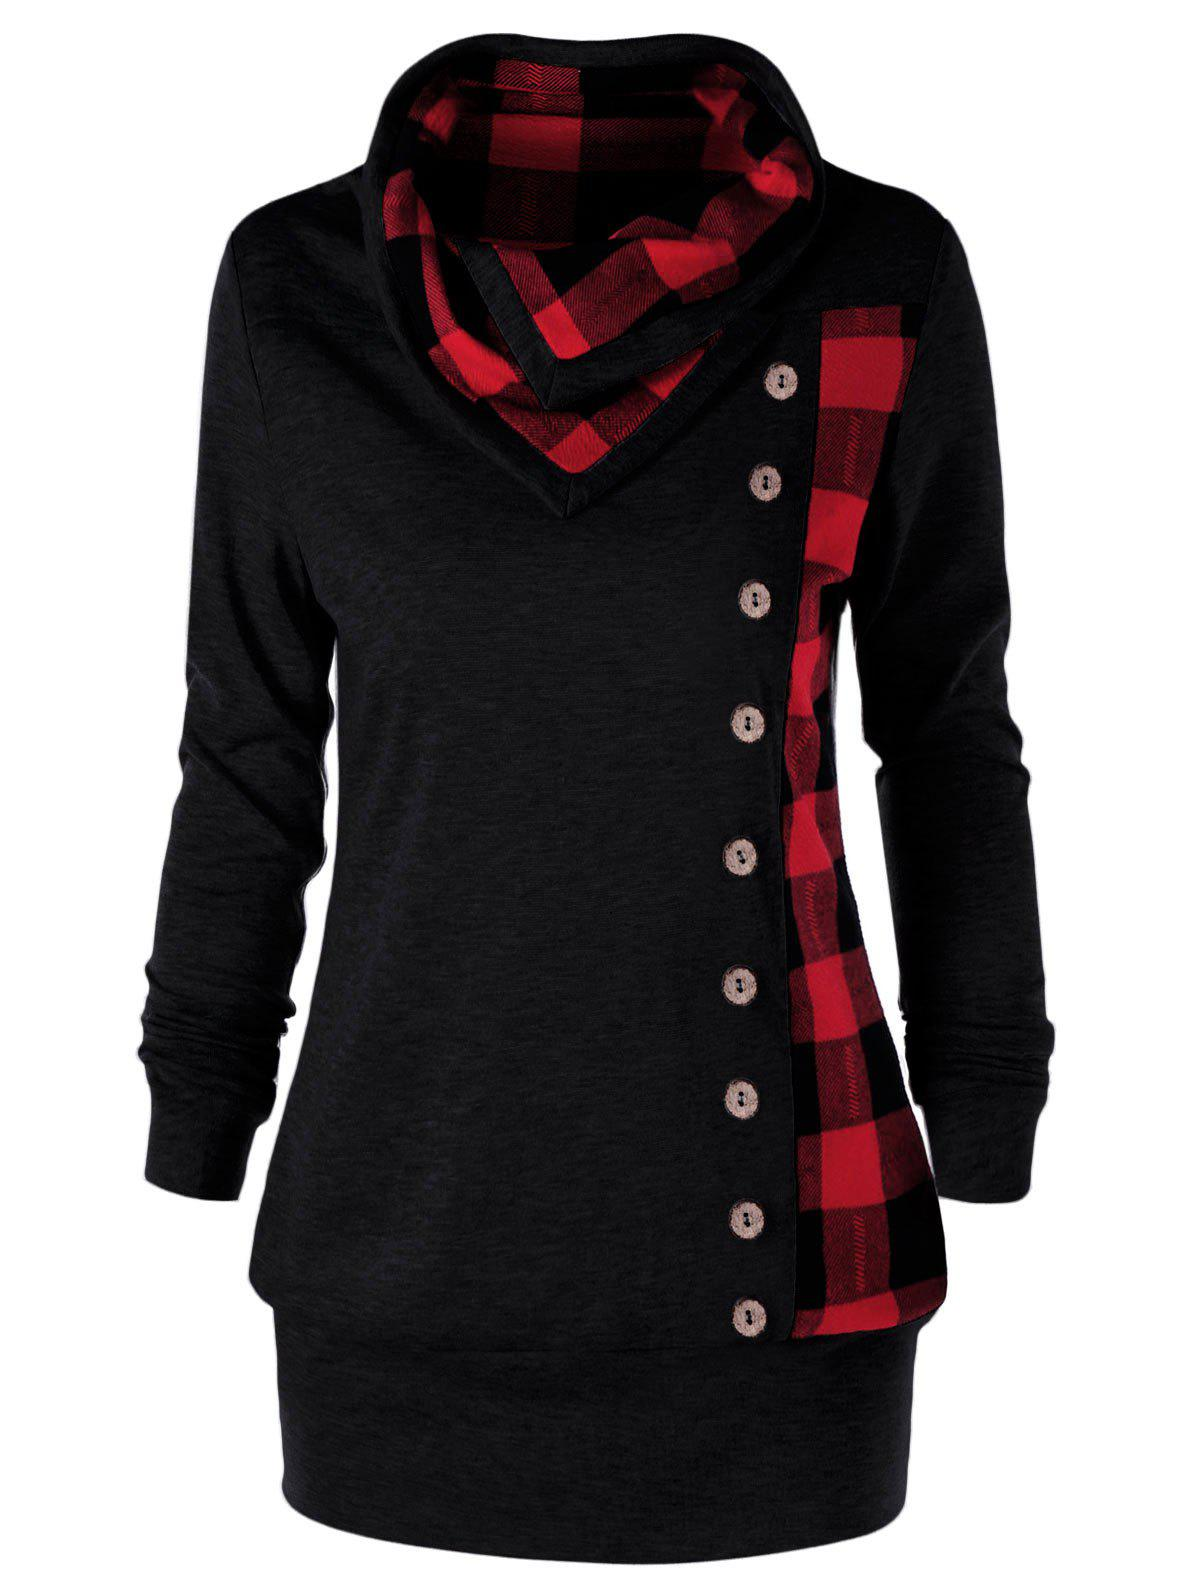 Plus Size Plaid Cowl Neck Sweatshirt